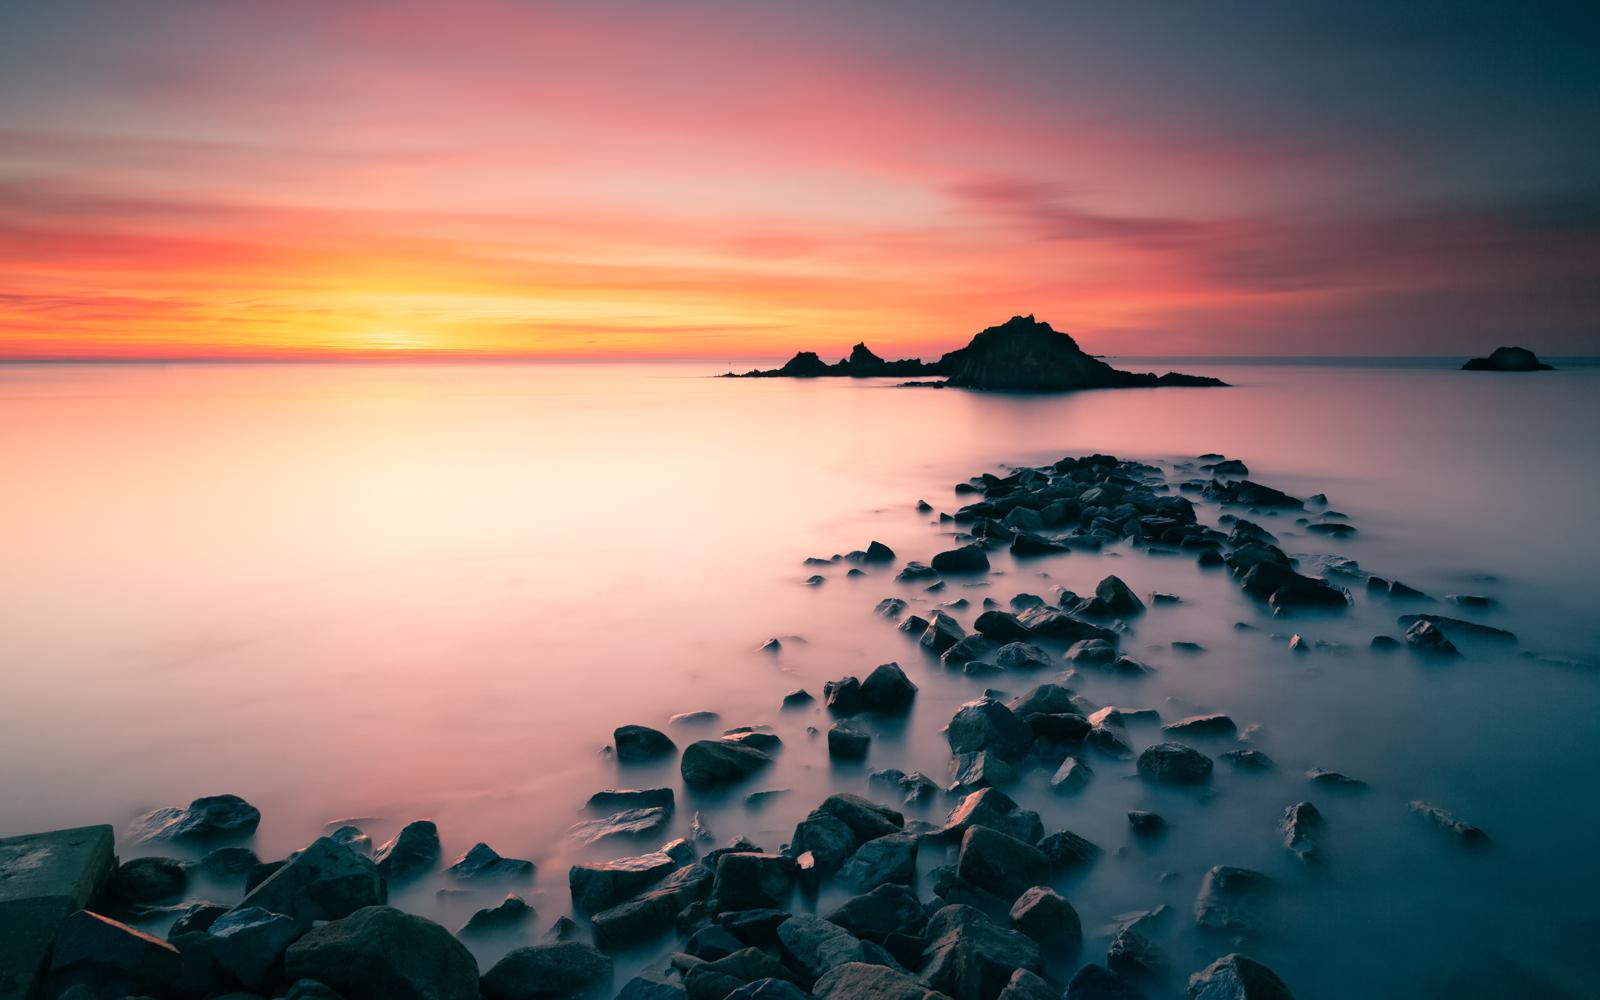 'Le Hocq Sunrise' by Alan Huelin